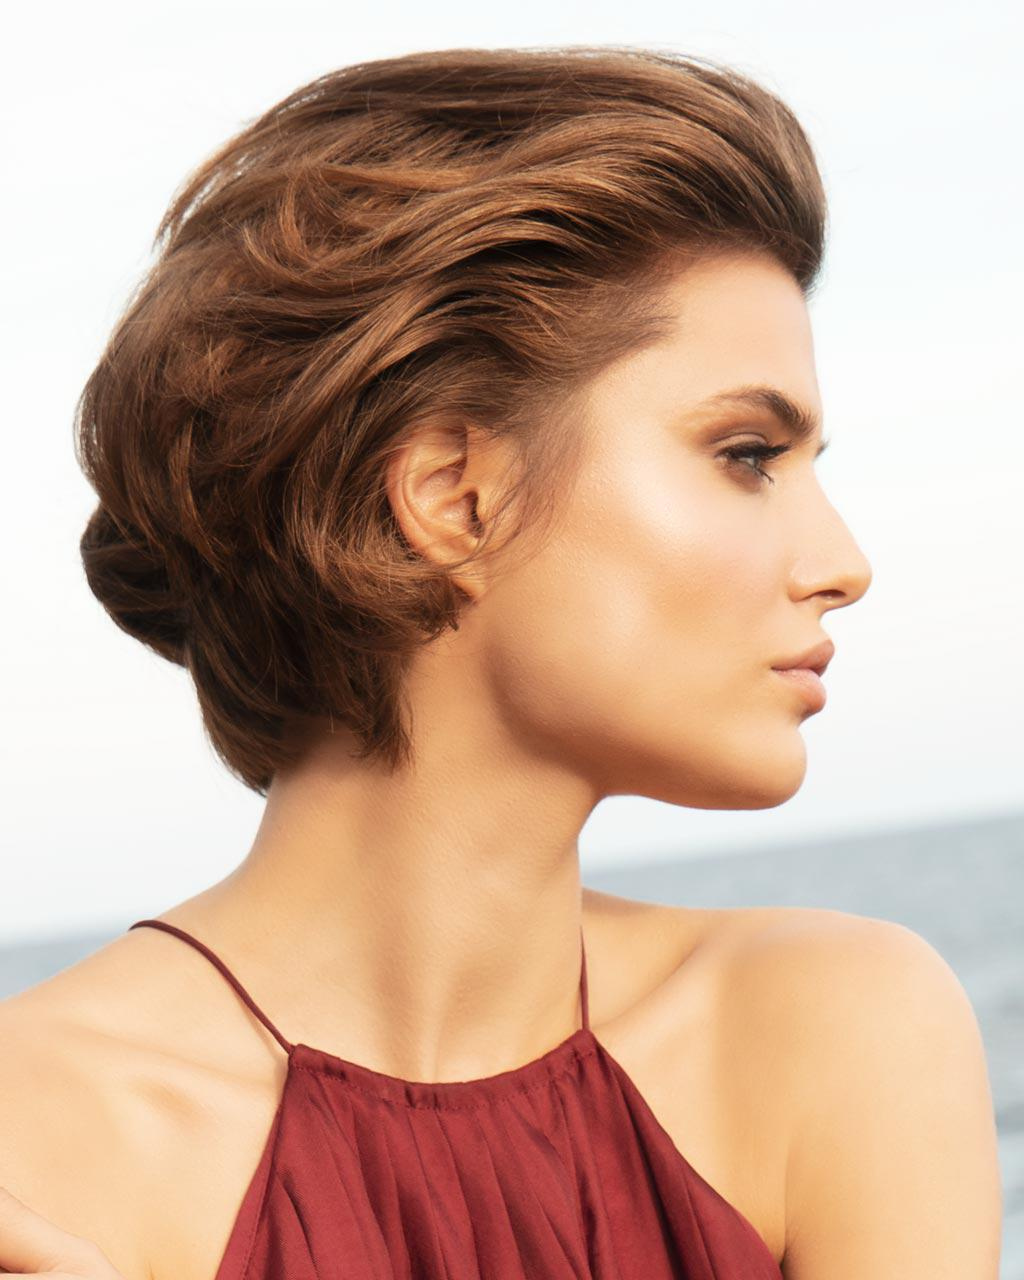 Coiffure femme pas cher lille coupe cheveux degrade - Franck provost coupe femme ...